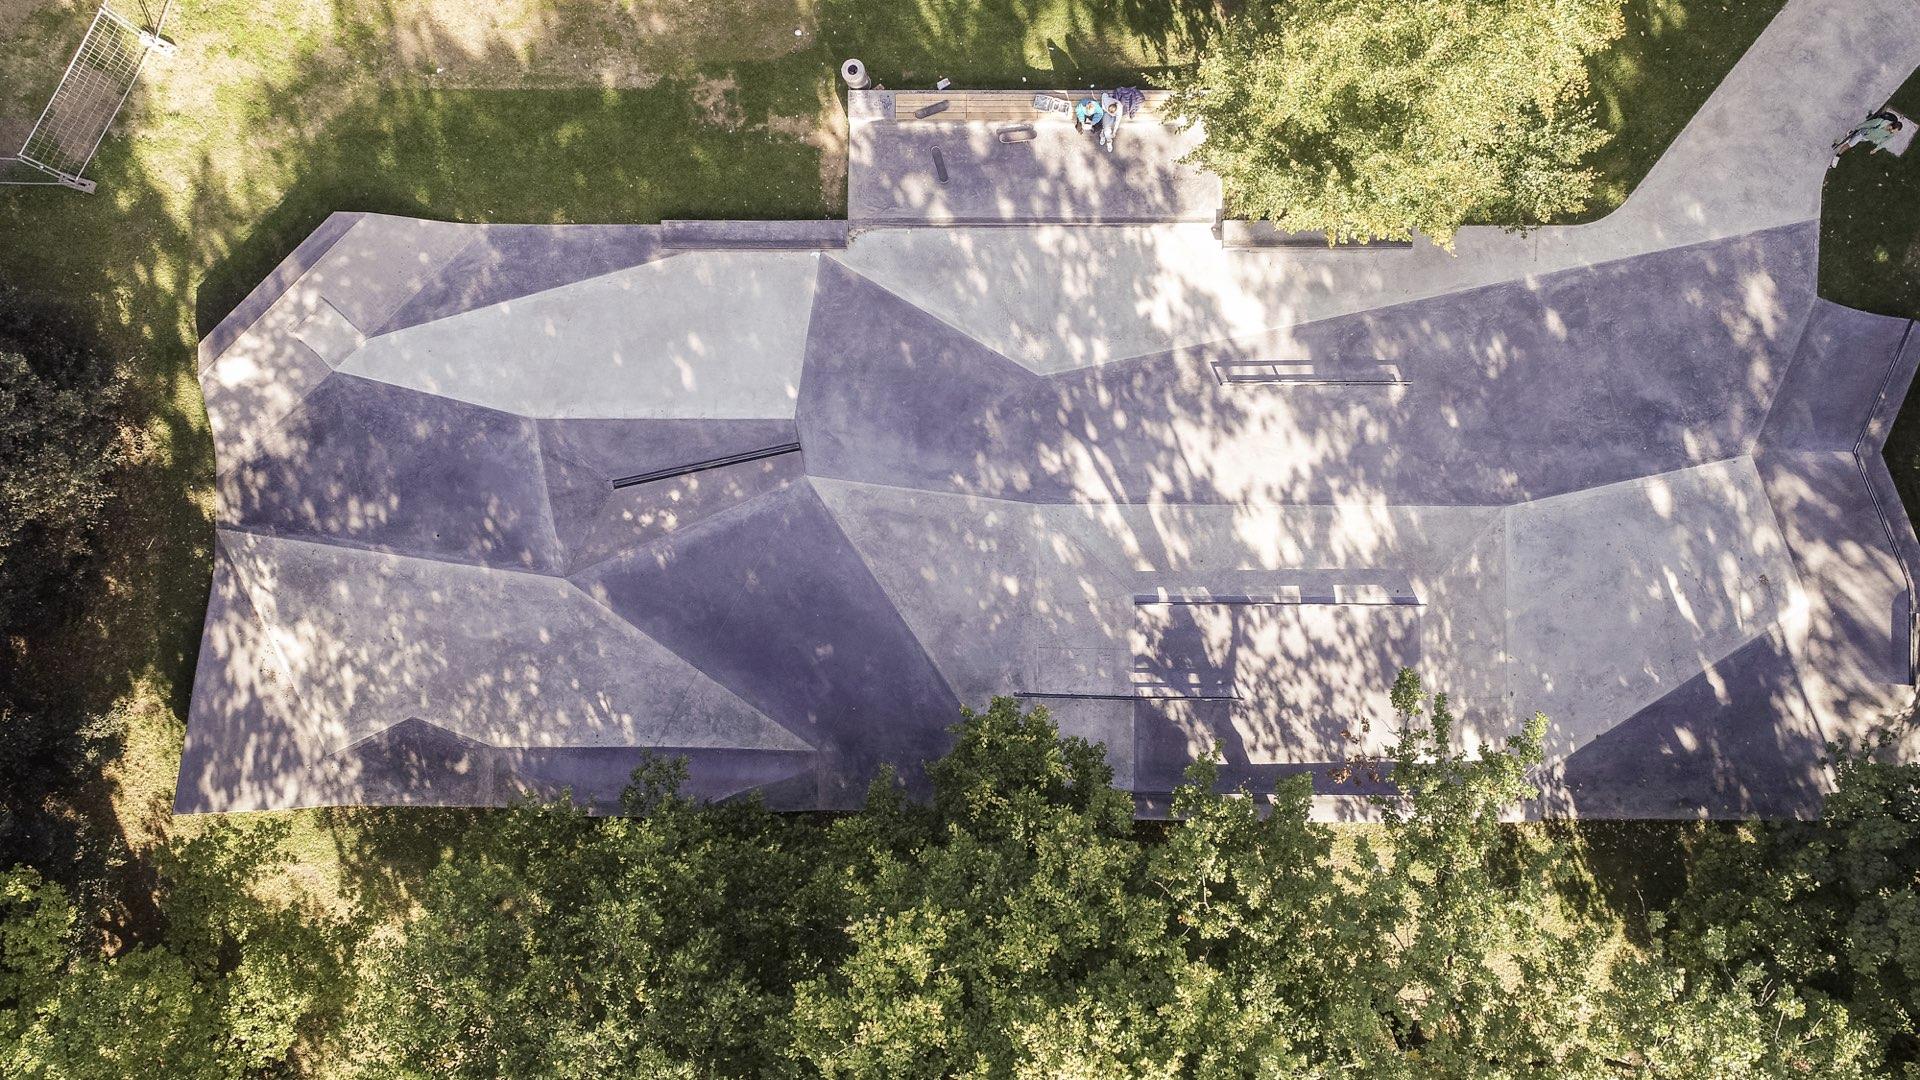 landskate_skatepark_planung_muenchen_hirschgarten_drone